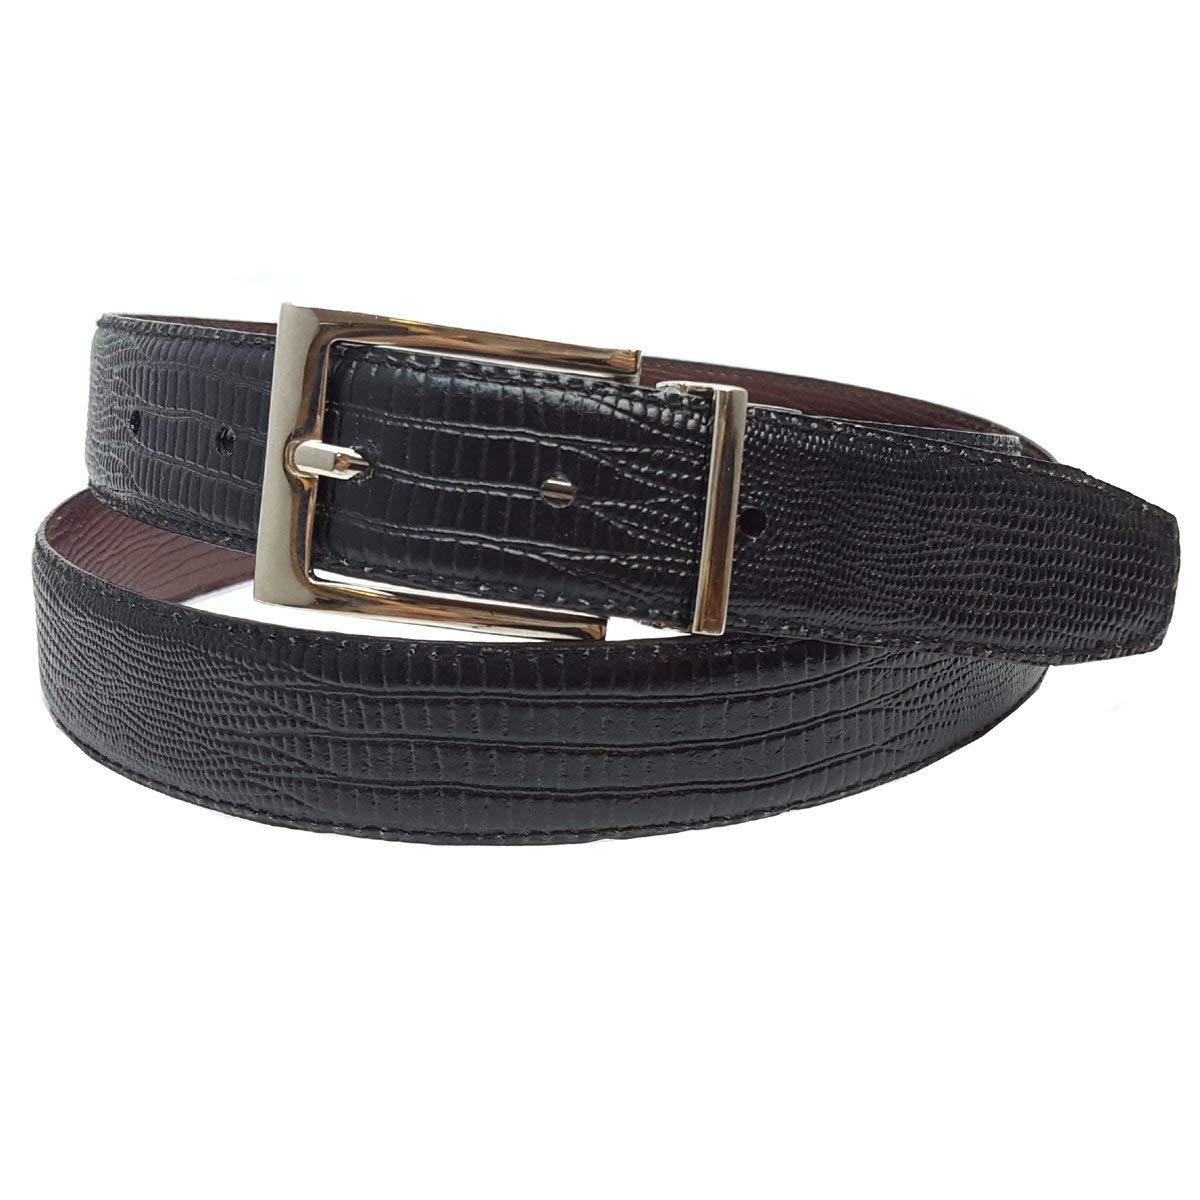 285360442d Get Quotations · Men s Dress Belt Reversible in Lizard Black to Brown